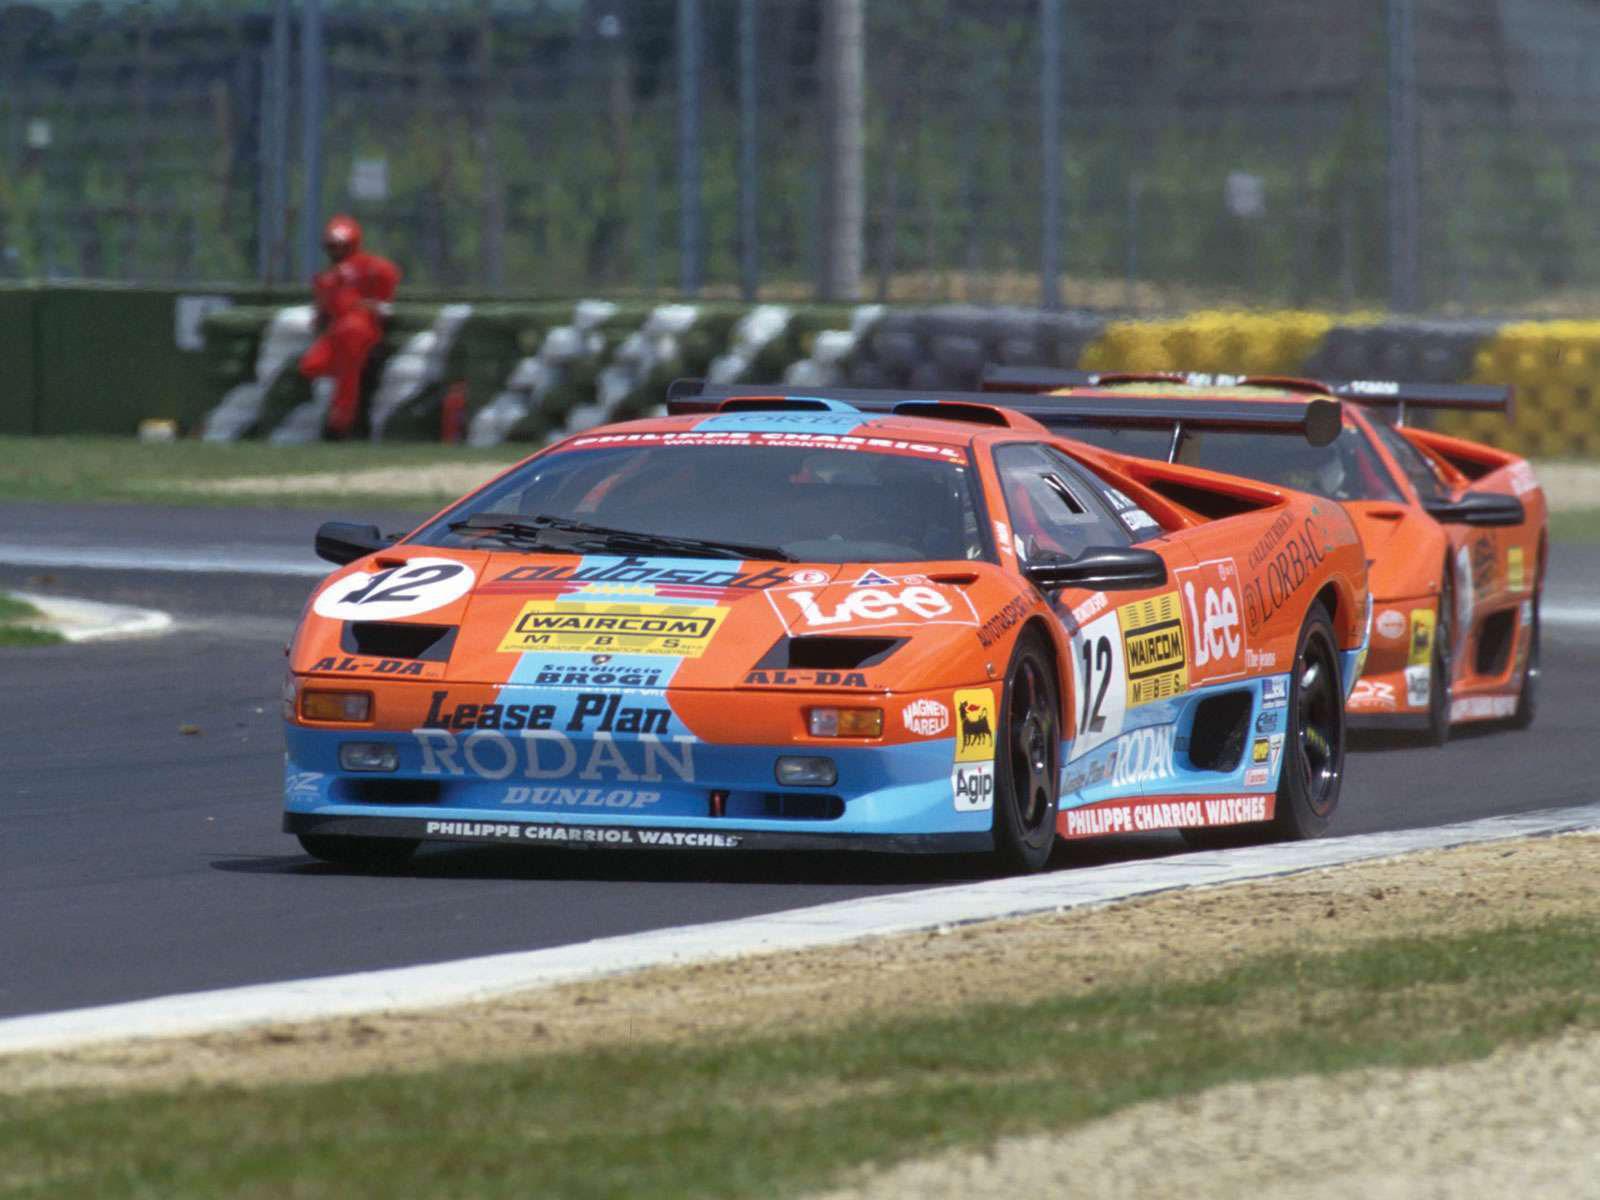 http://2.bp.blogspot.com/-kpn6rdbOMBI/Tktjwf-4A2I/AAAAAAAACnM/Kxl8PvBnumI/s1600/Lamborghini-Diablo_SVR_1996_1.jpg